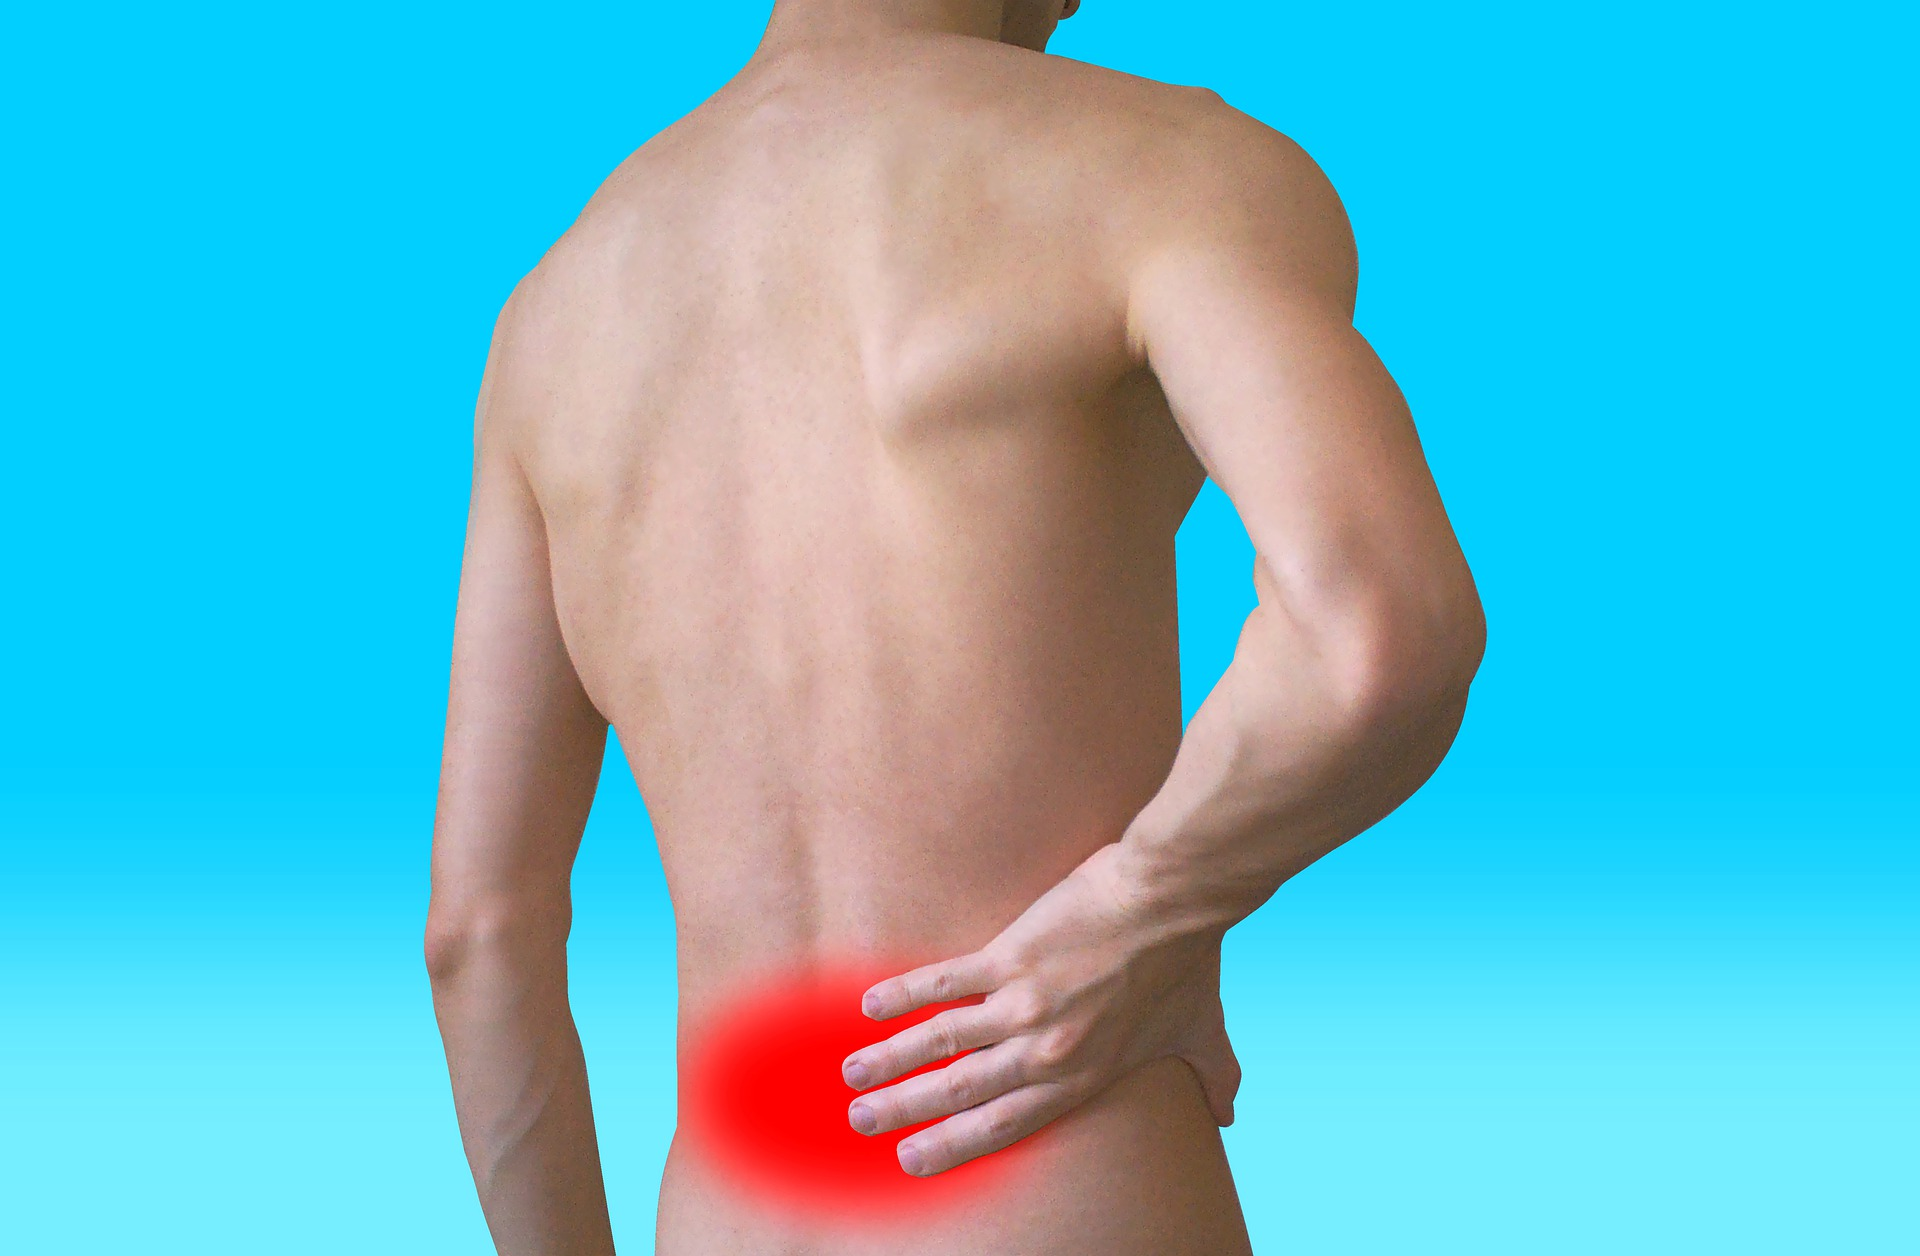 Día Internacional de la Artritis Reumatoide 2021: síntomas y tratamiento